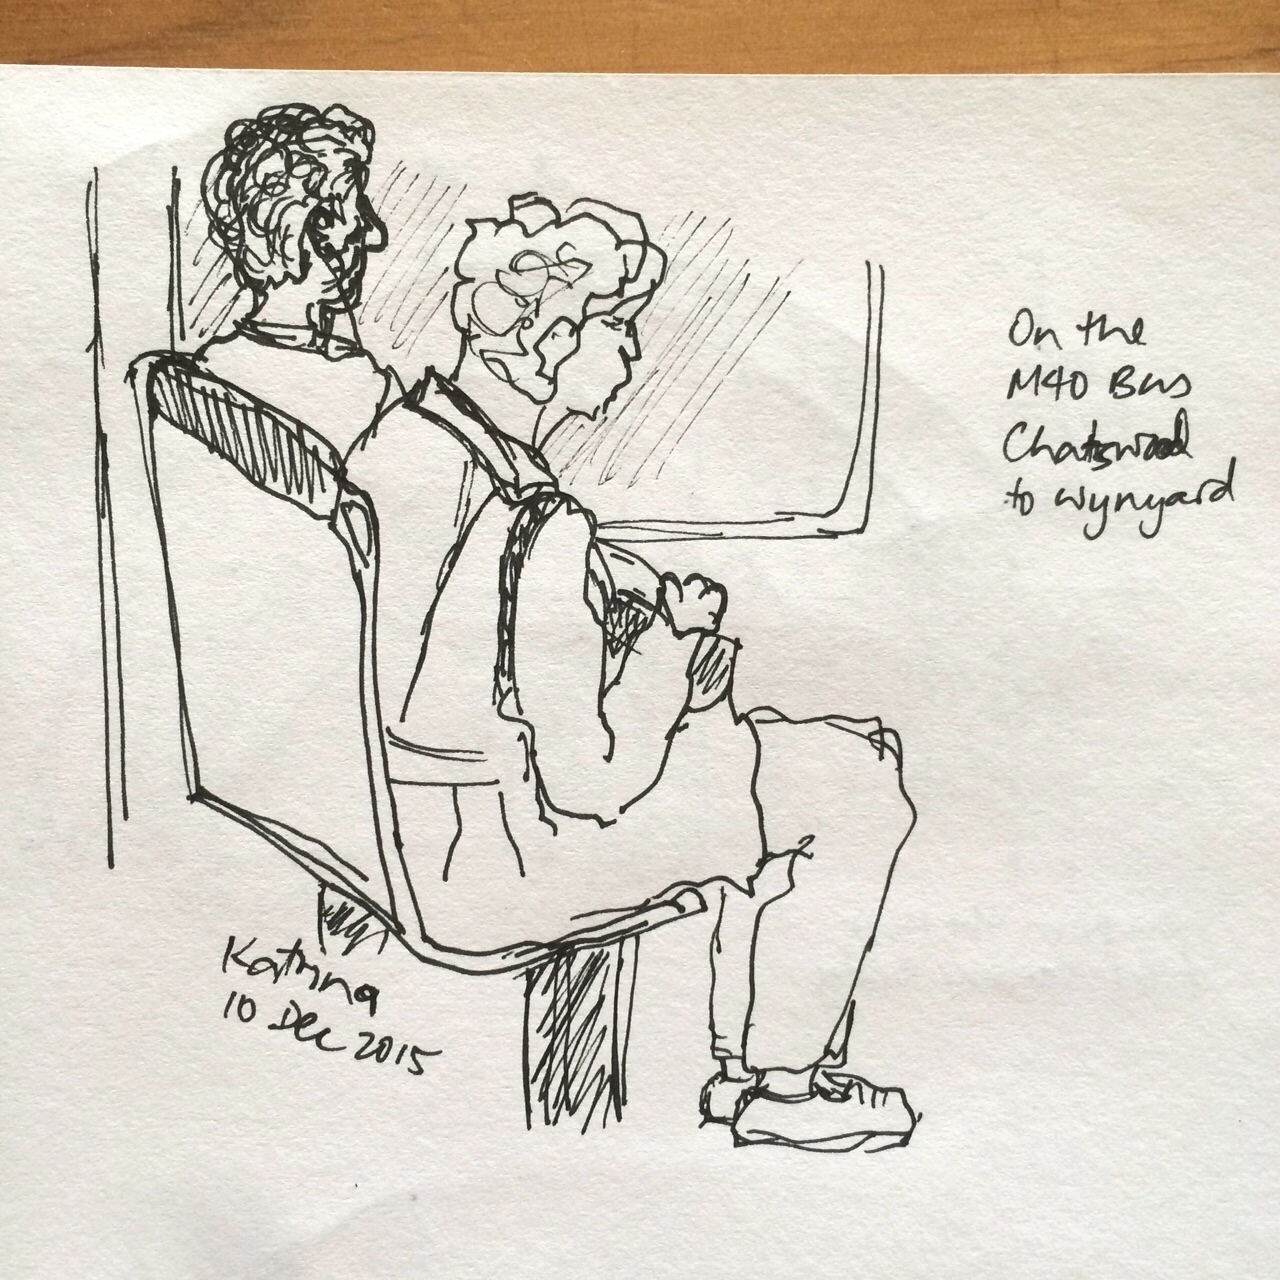 I've always struggled to sketch people